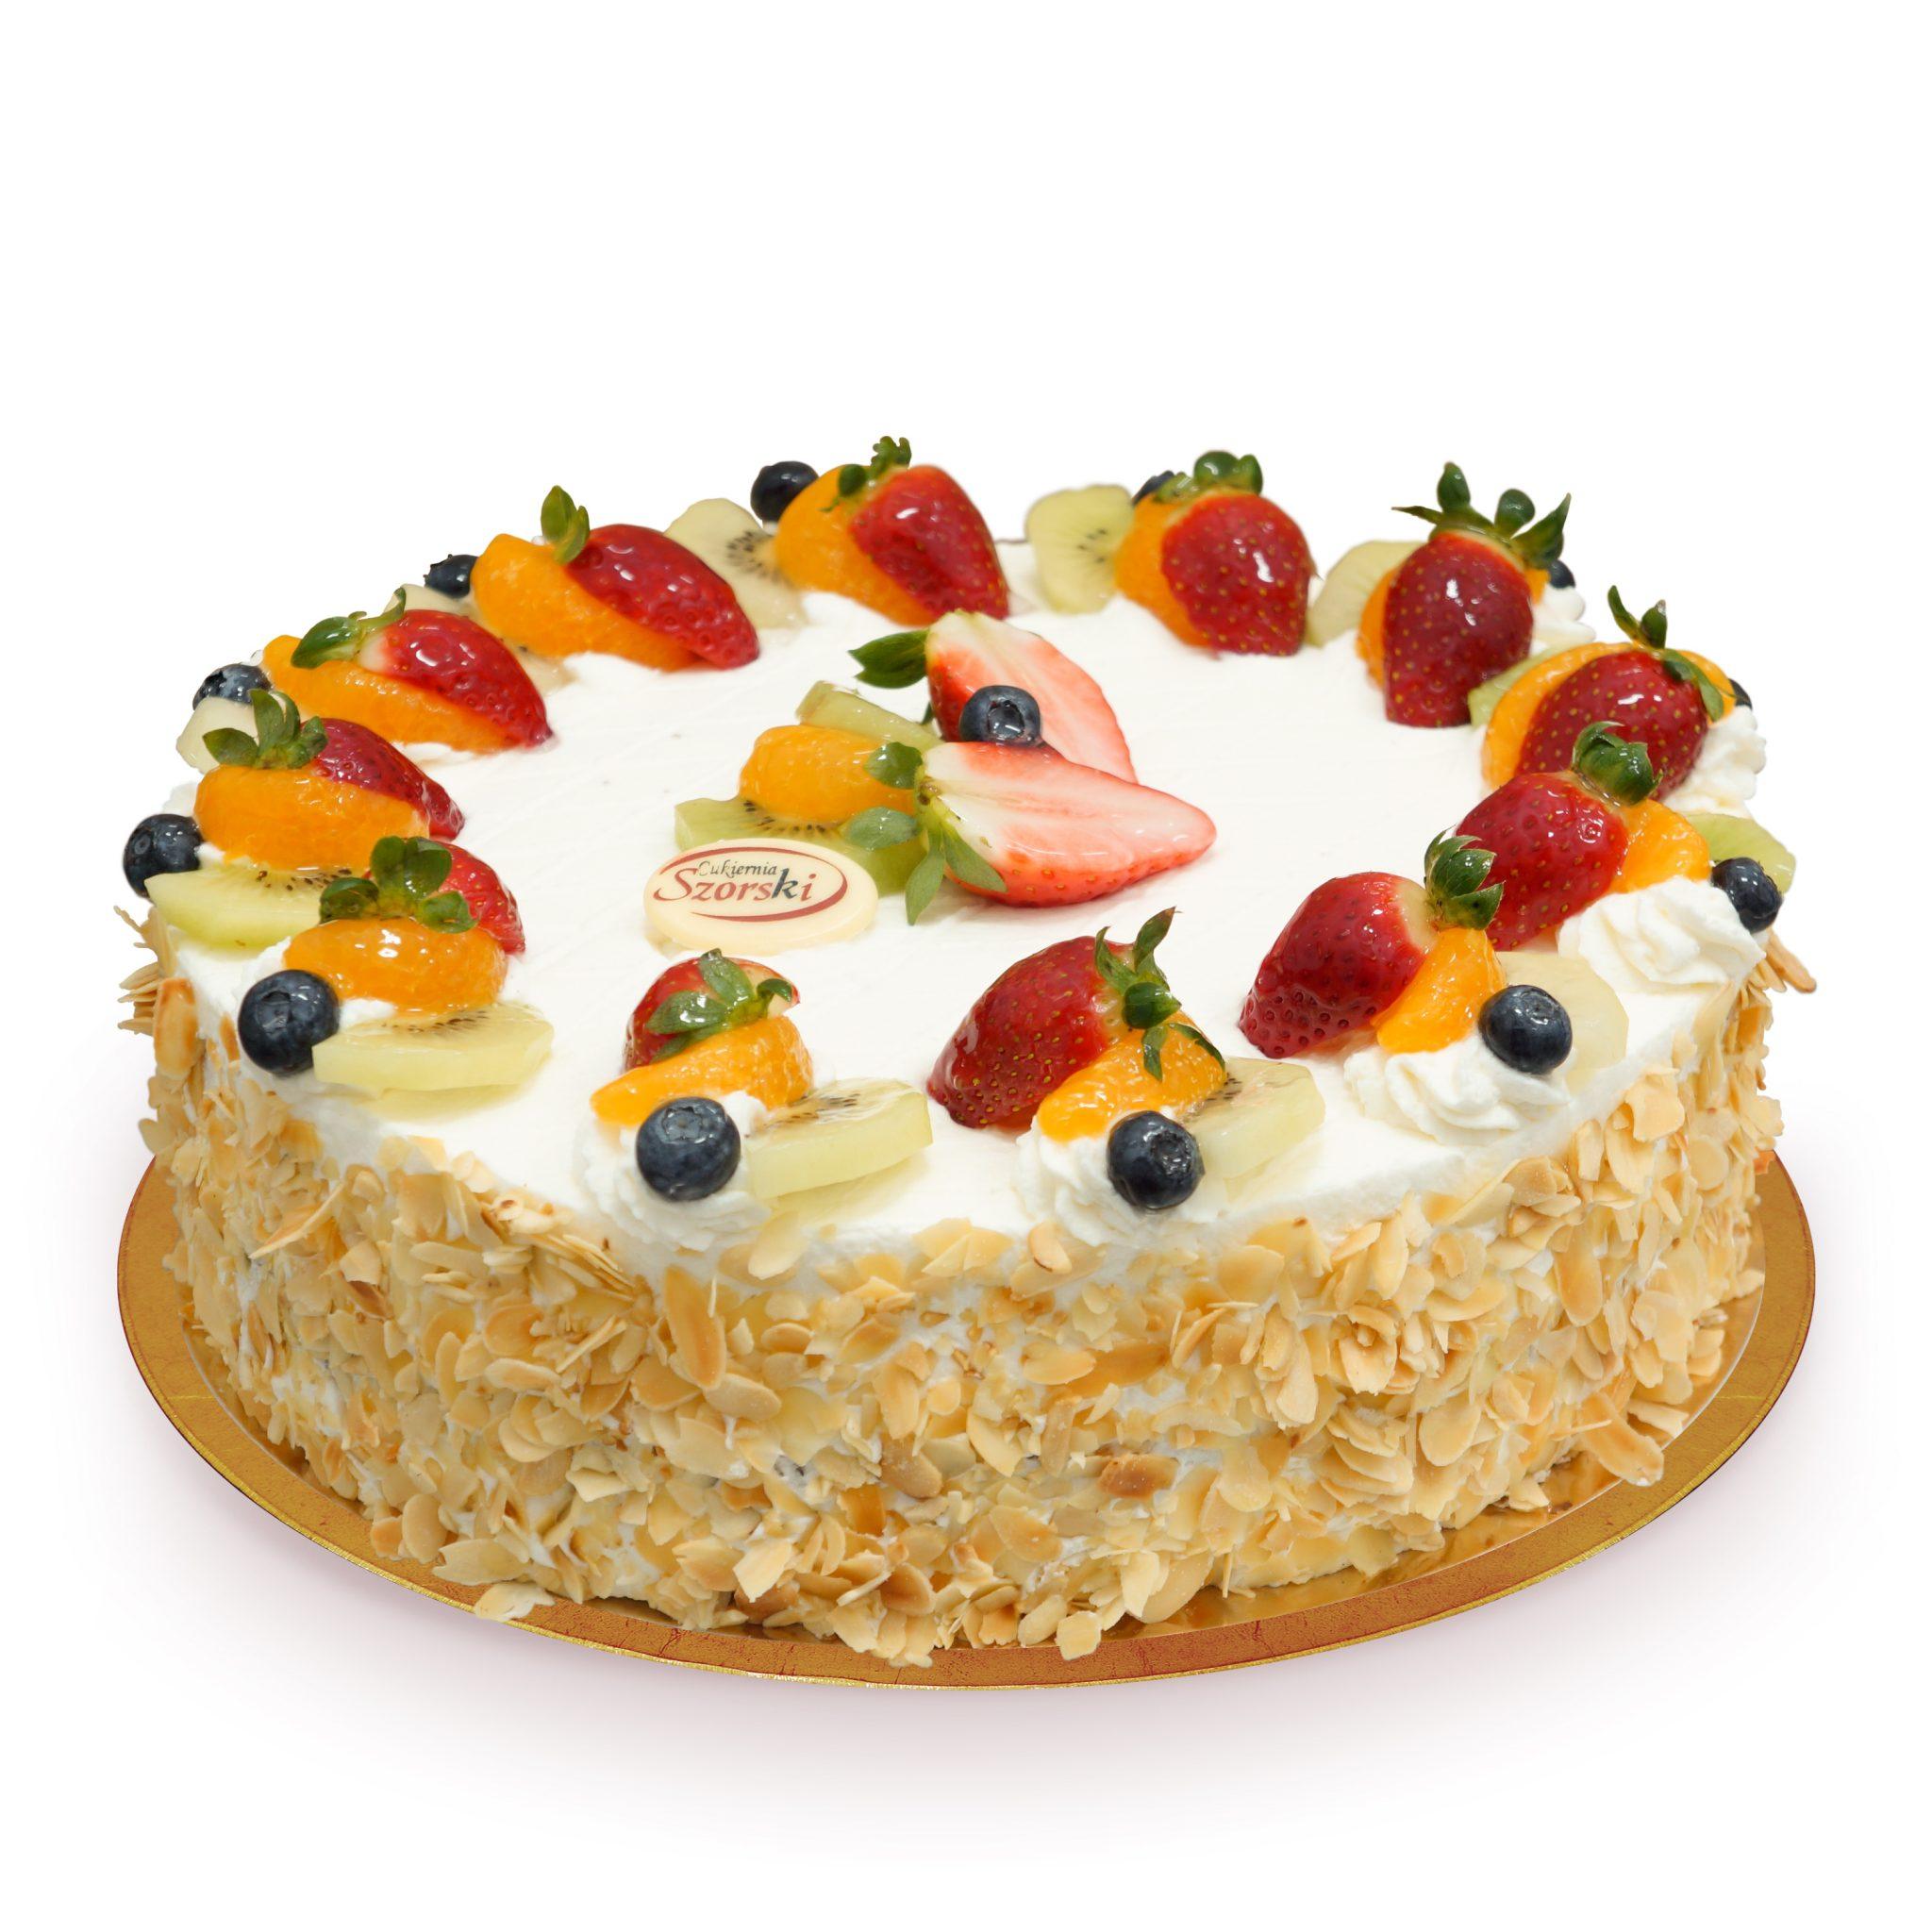 Tort z bitą śmietaną i owocami ostrów wielkopolski